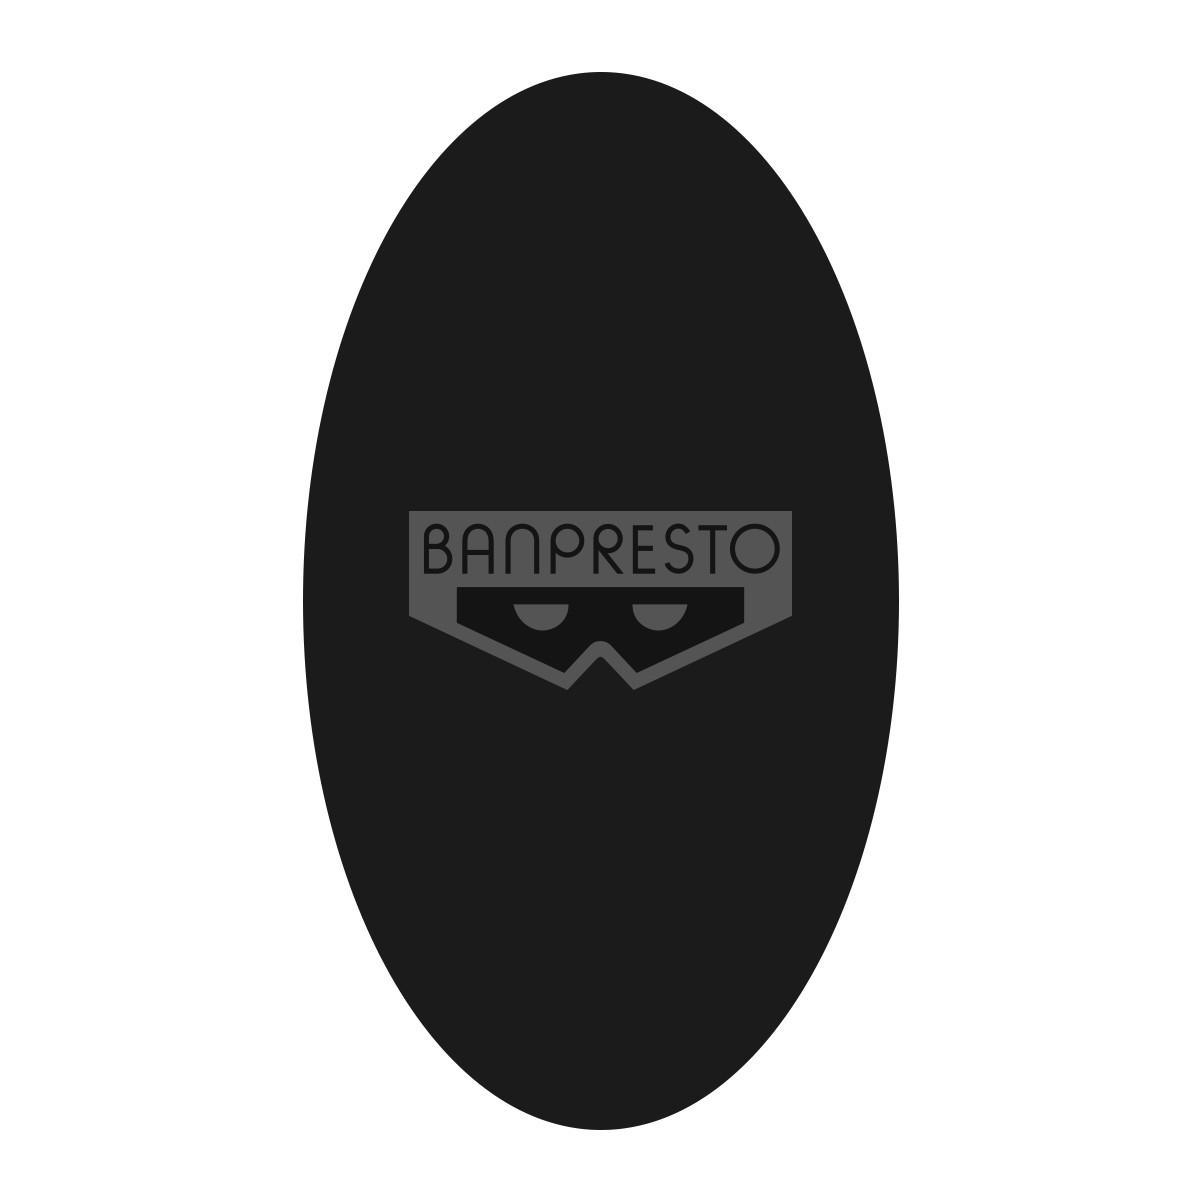 BANPRESTO|七龍珠Z 爆裂激戰 2022 vol.2